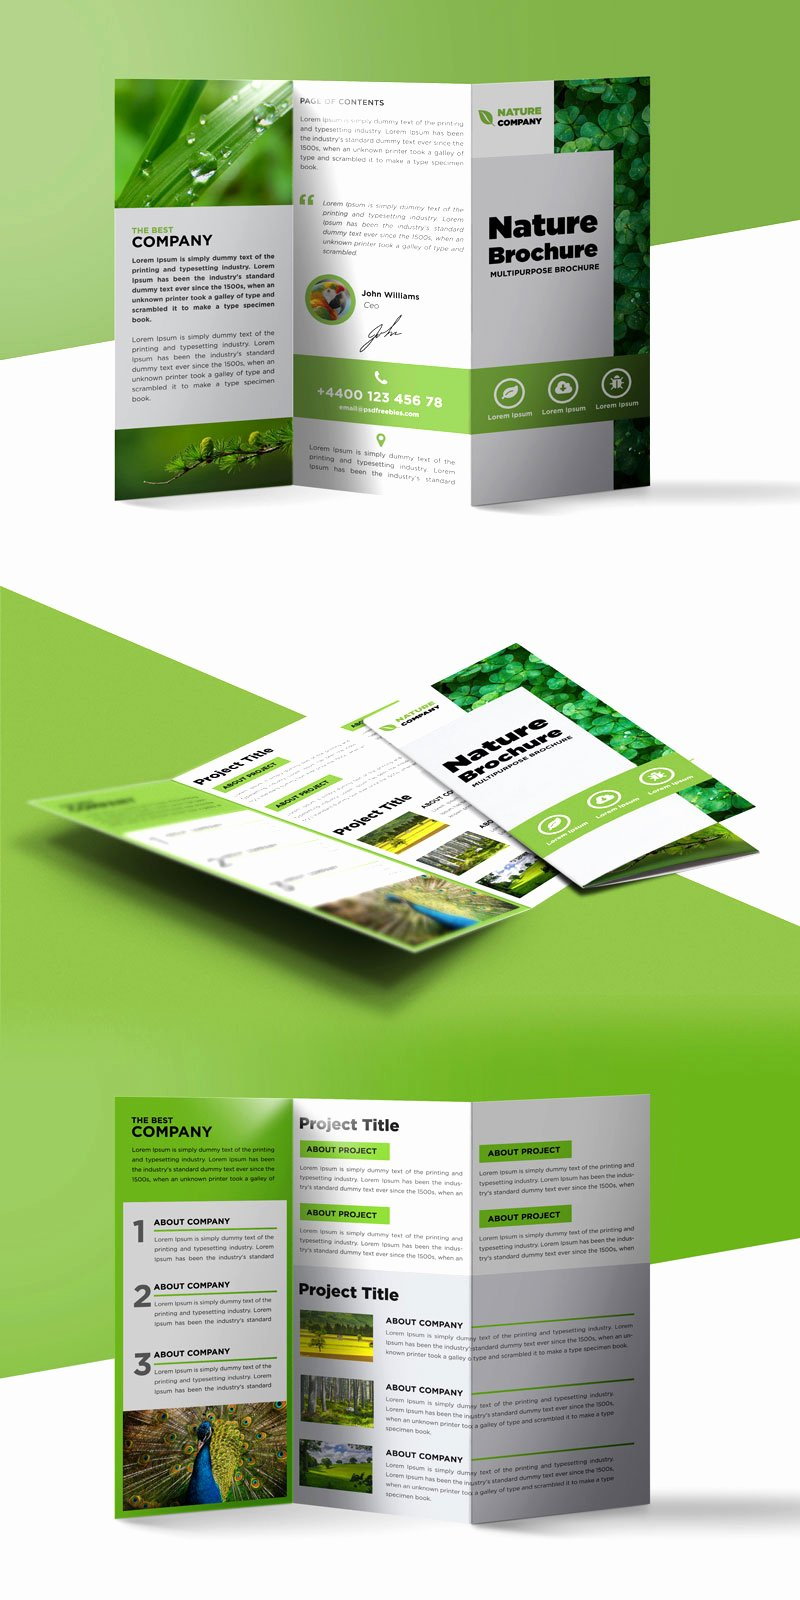 Tri Fold Brochure Free Template Unique Nature Tri Fold Brochure Template Free Psd